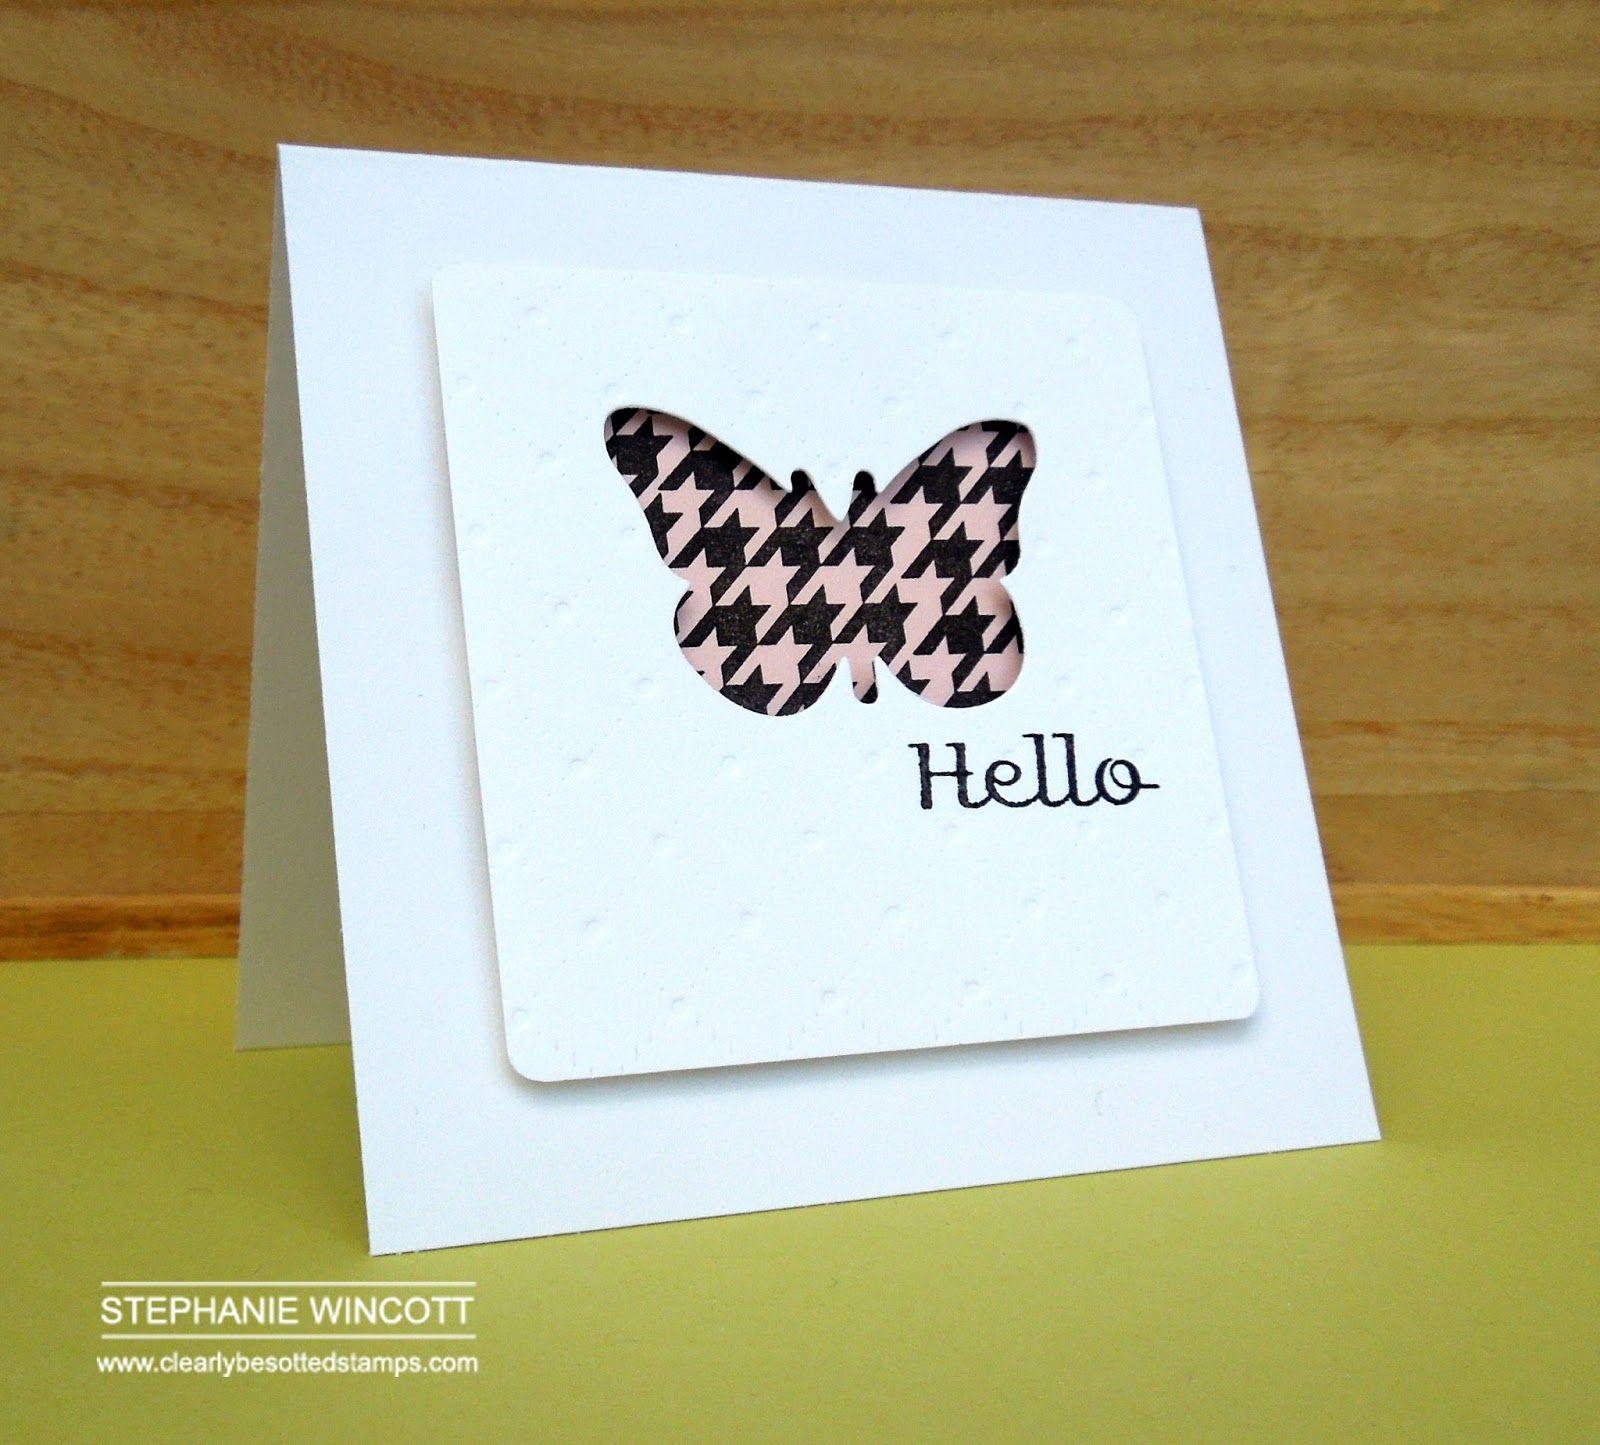 Schmetterling, wird Zeit, dass ich auch mal so eine Karte bastel